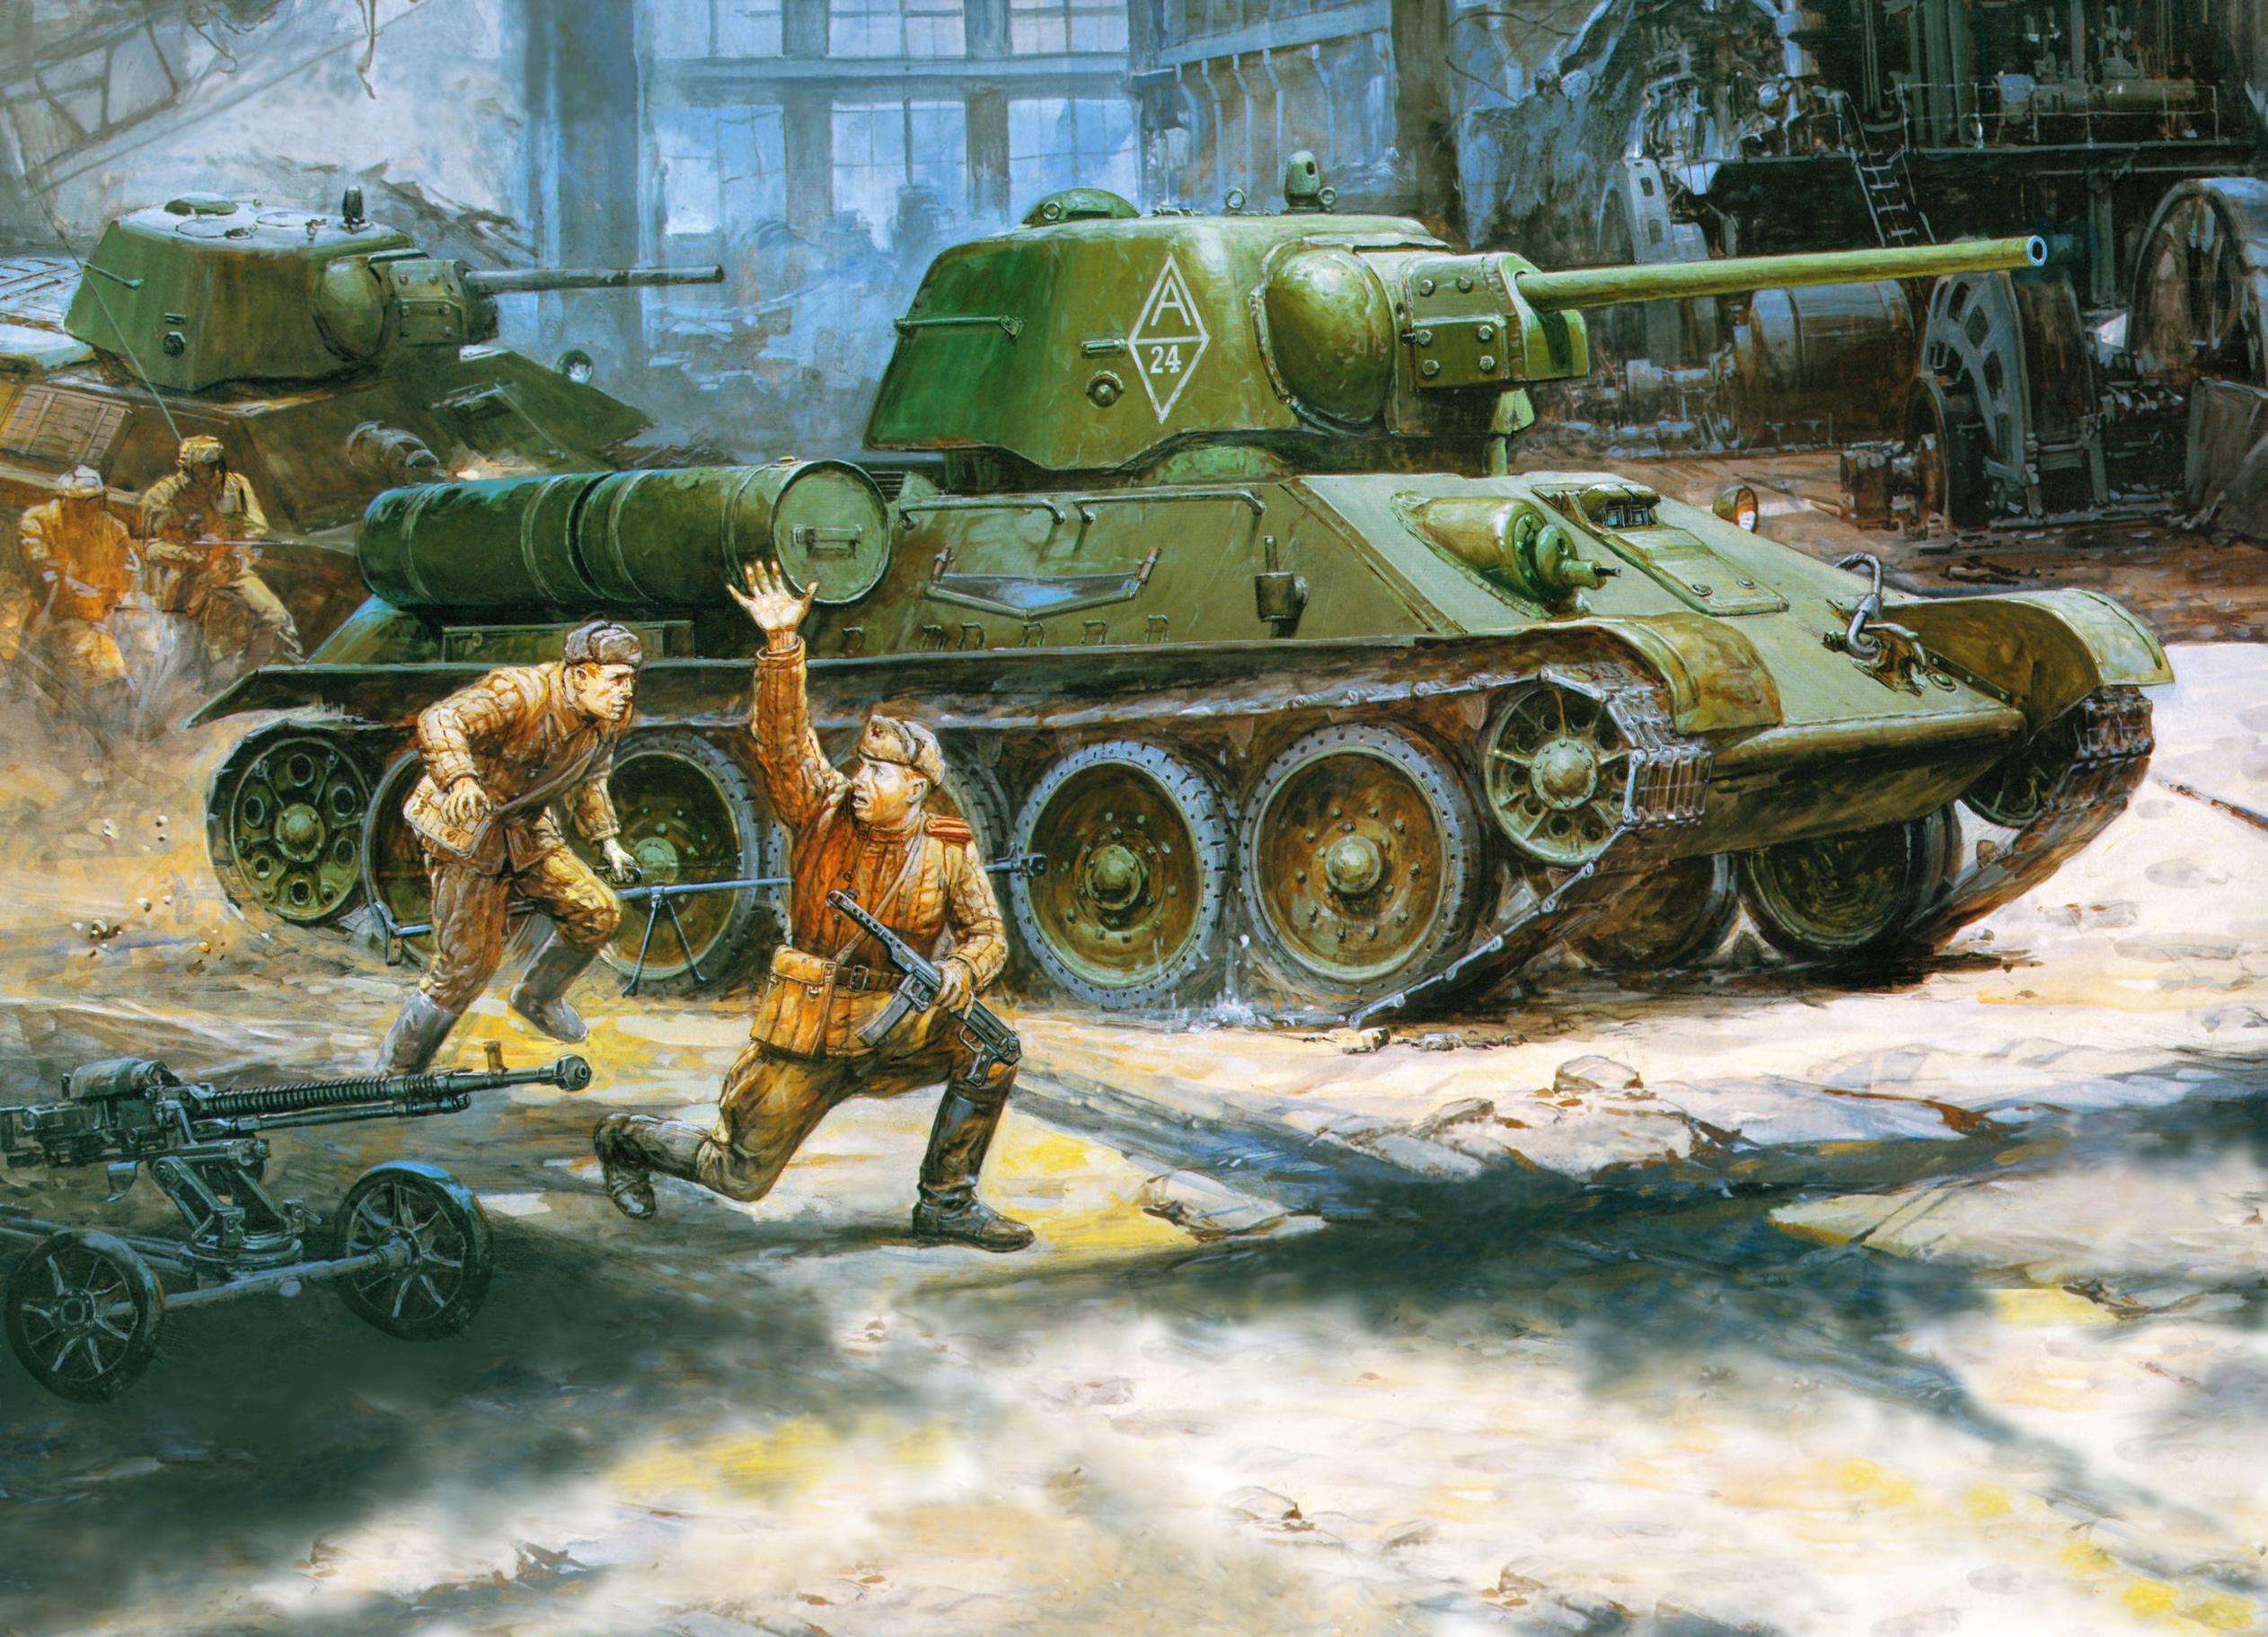 Т-34 и русская пехота, рисунок, обои для рабочего стола, скачать